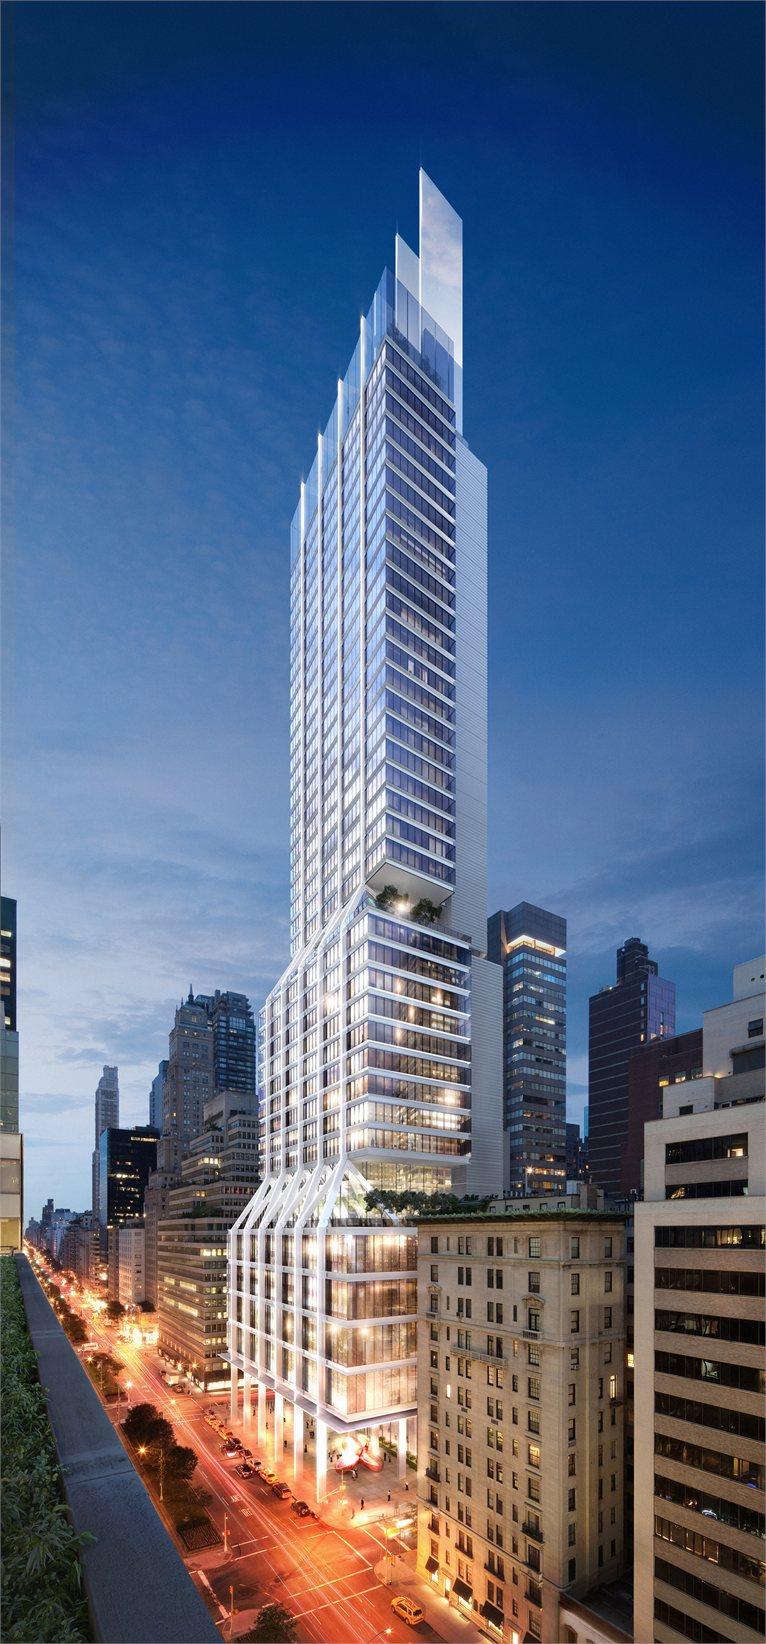 245 park avenue Norman Foster, archistar londinese, si aggiudica la 425 Park Avenue Tower